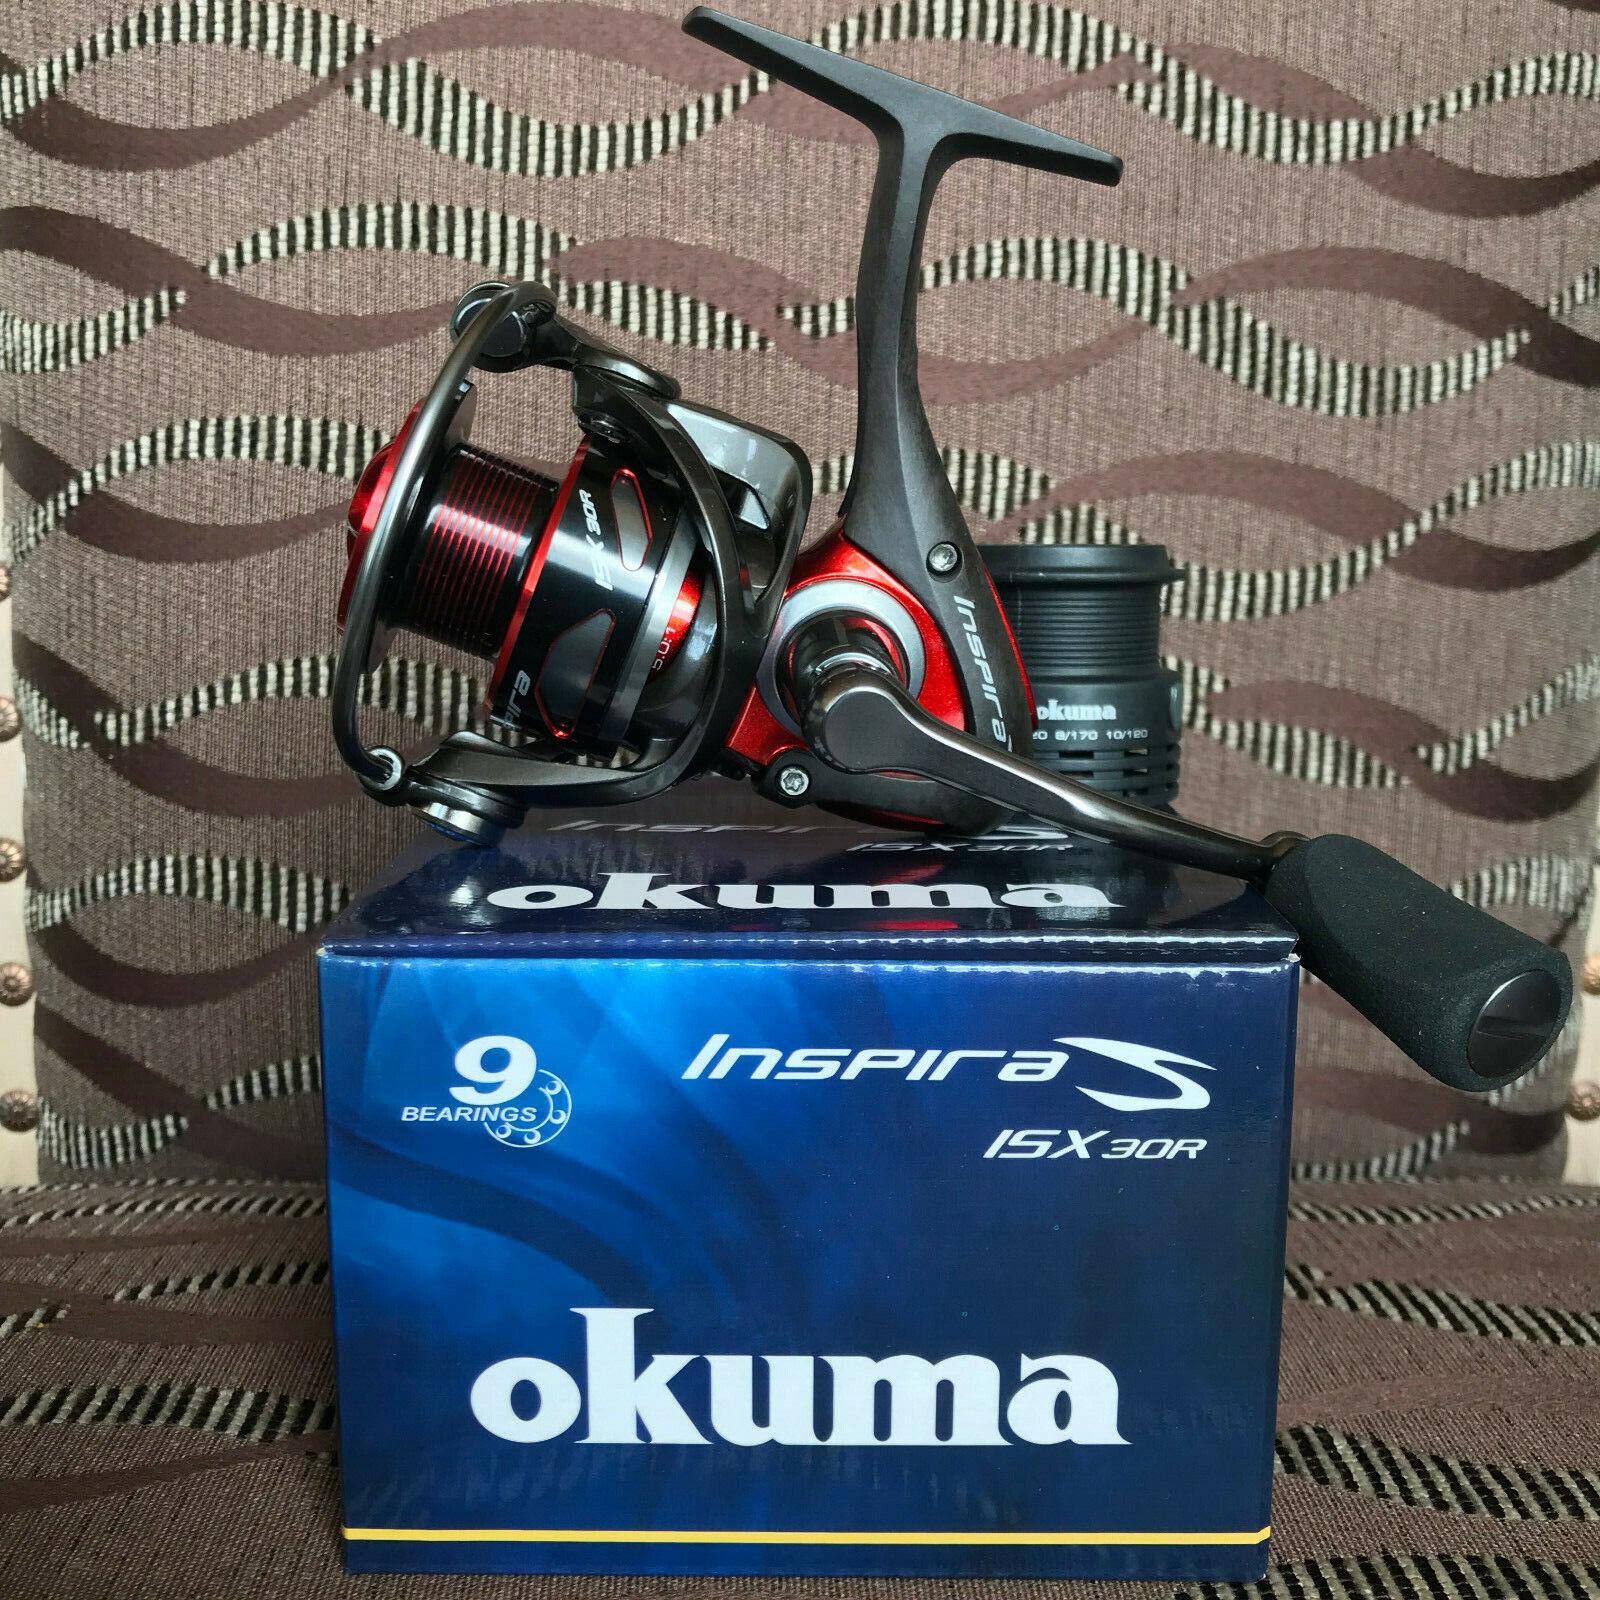 Okuma inspira isx-30r FD rojo spinnrolle